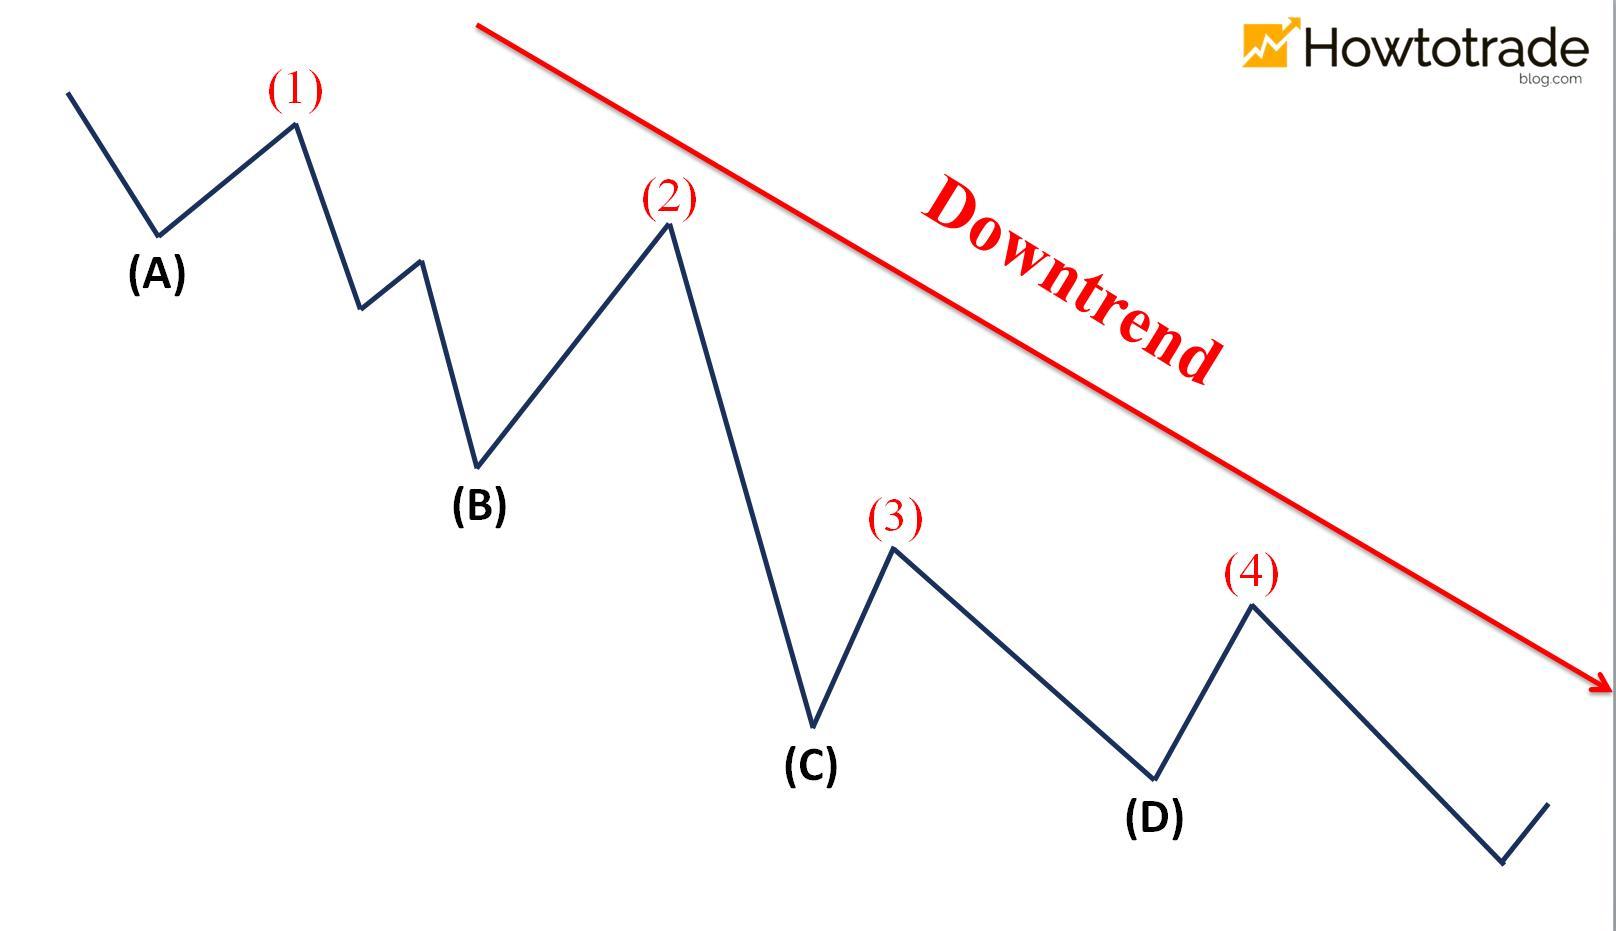 Cách xác định Downtrend